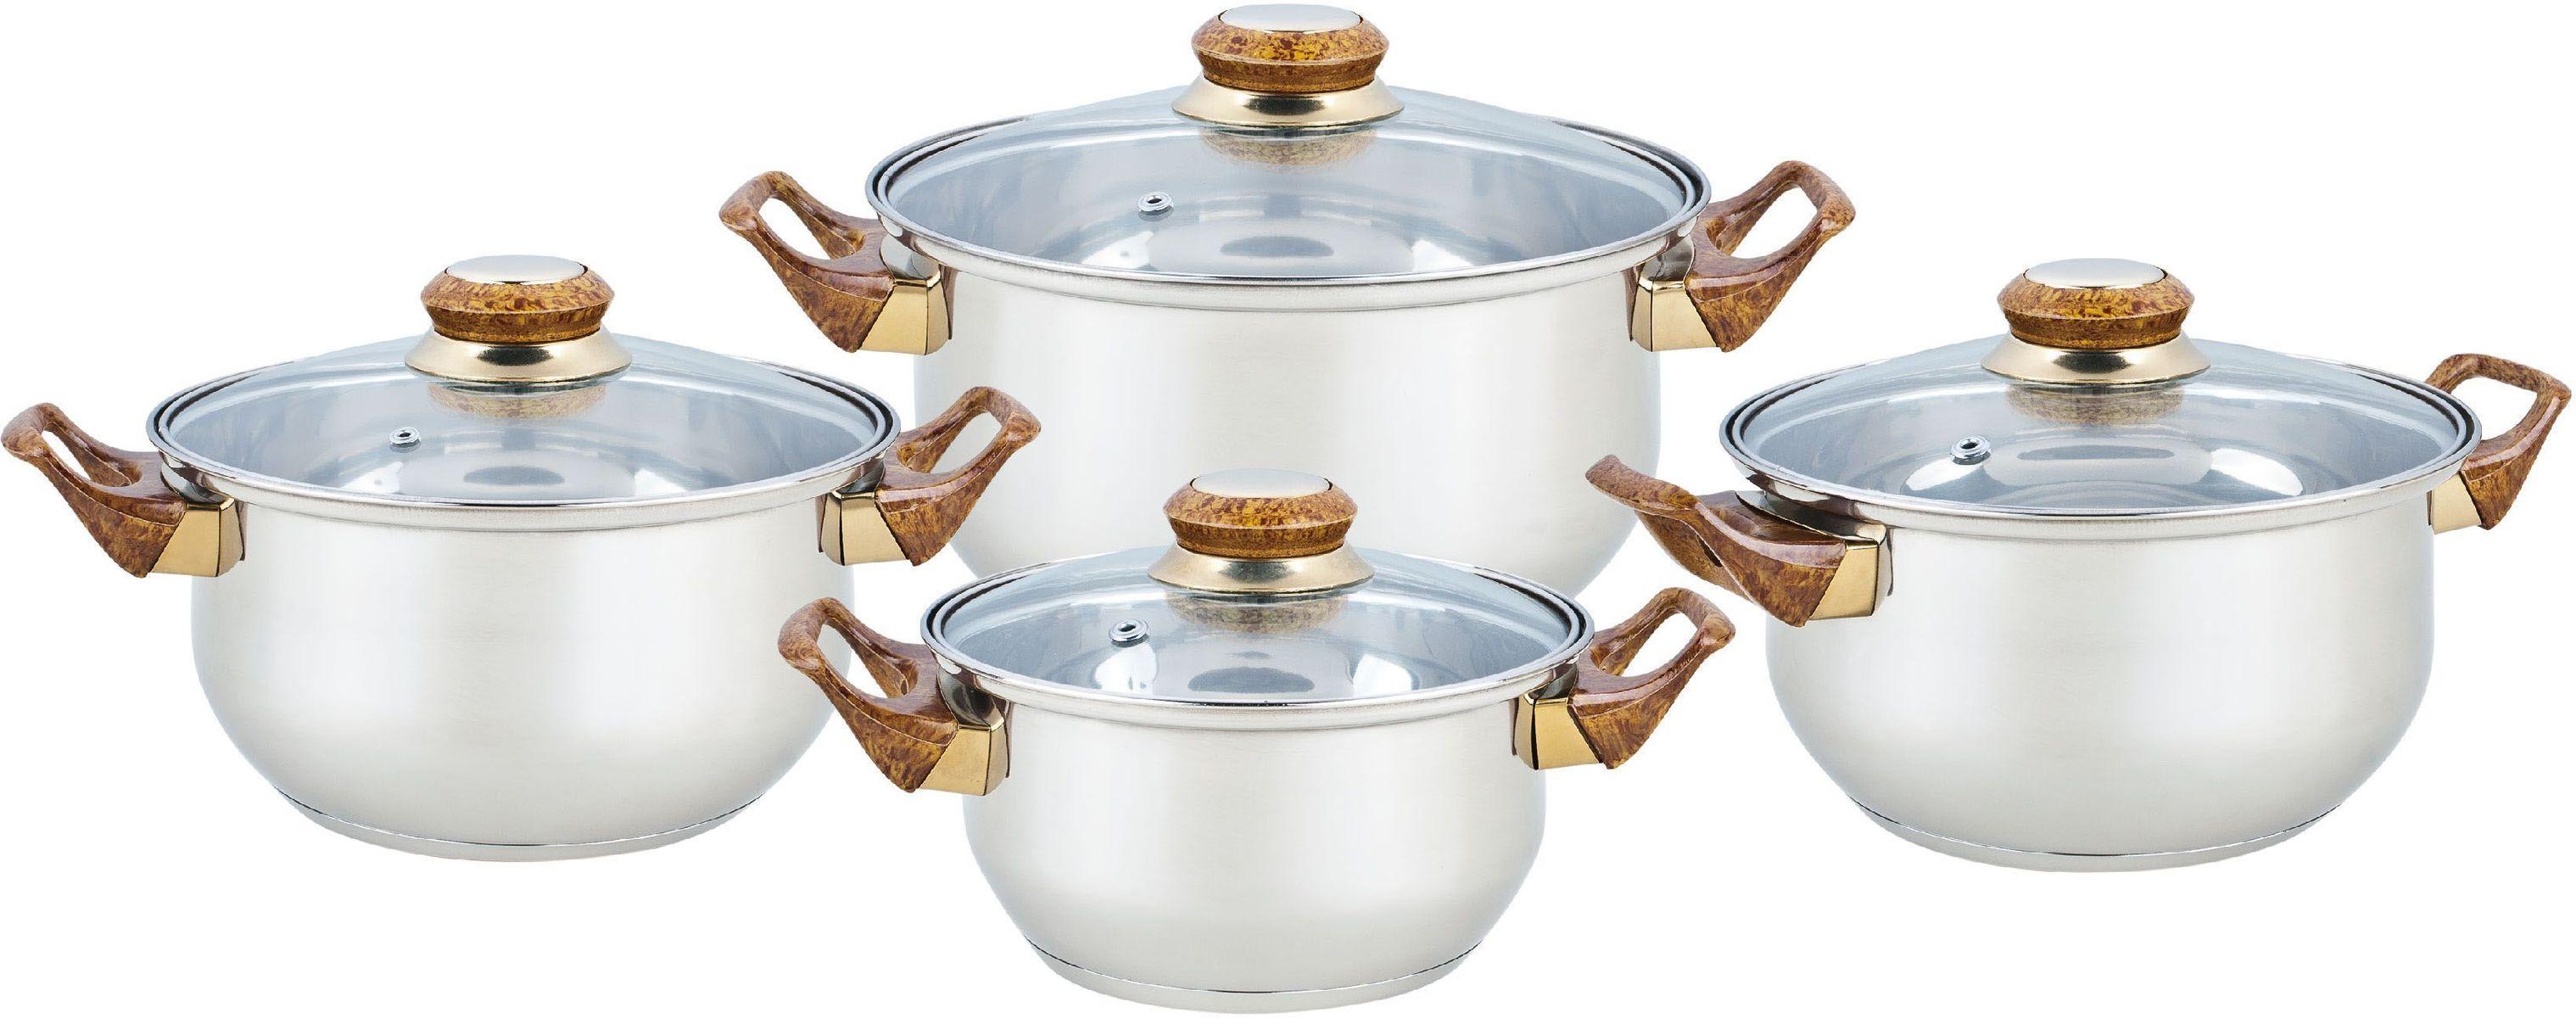 Набор посуды Bekker Classic, 8 предметов. BK-4604BK-46048 предметов: 4 кастрюли со стеклянными крышками 16см/1,5л, 18см/2,1л, 20см/3л, 24см/6л. Ручки бакелитовые под дерево, поверхность зеркальная, капсулированное дно, толщина стенки 0,3 мм, дна 1,0 мм. Подходит для чистки в посудомоечной машине. Состав: нержавеющая сталь.